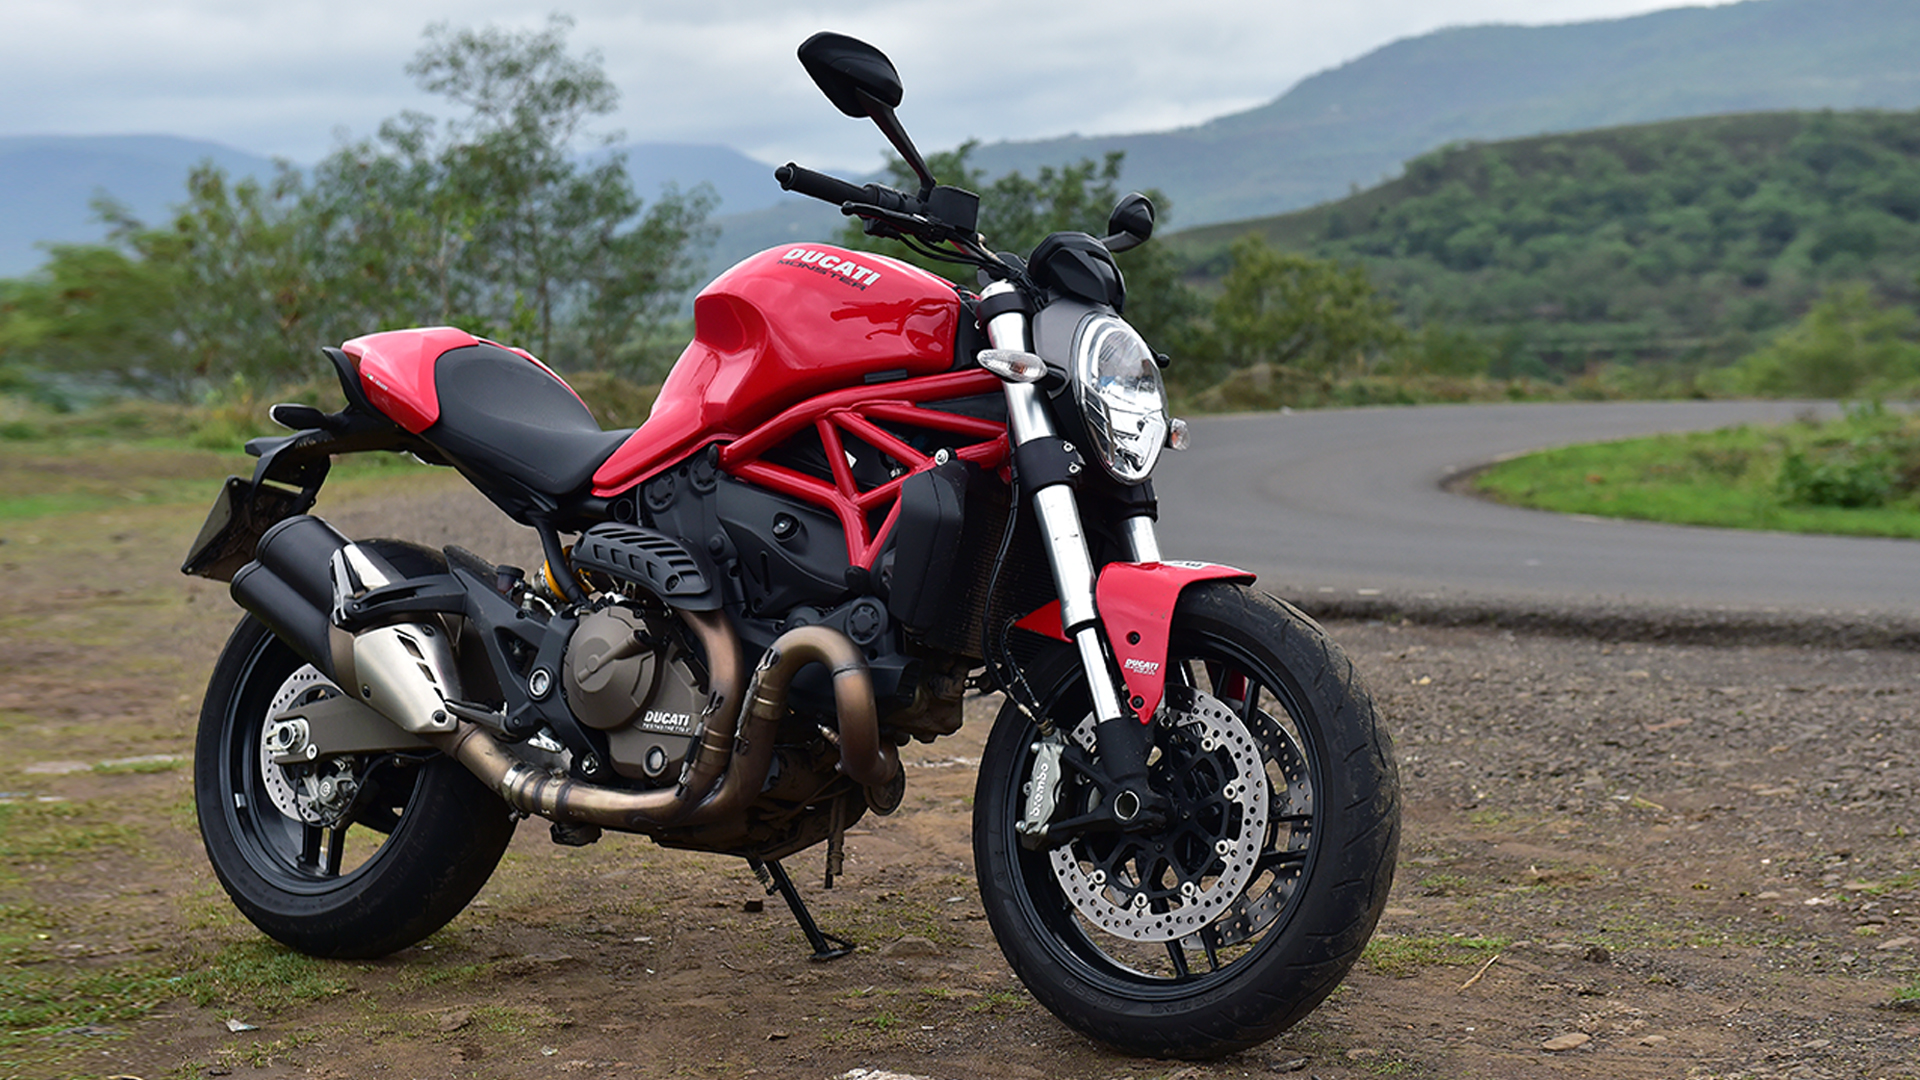 Ducati Monster 821 2015 STD Compare